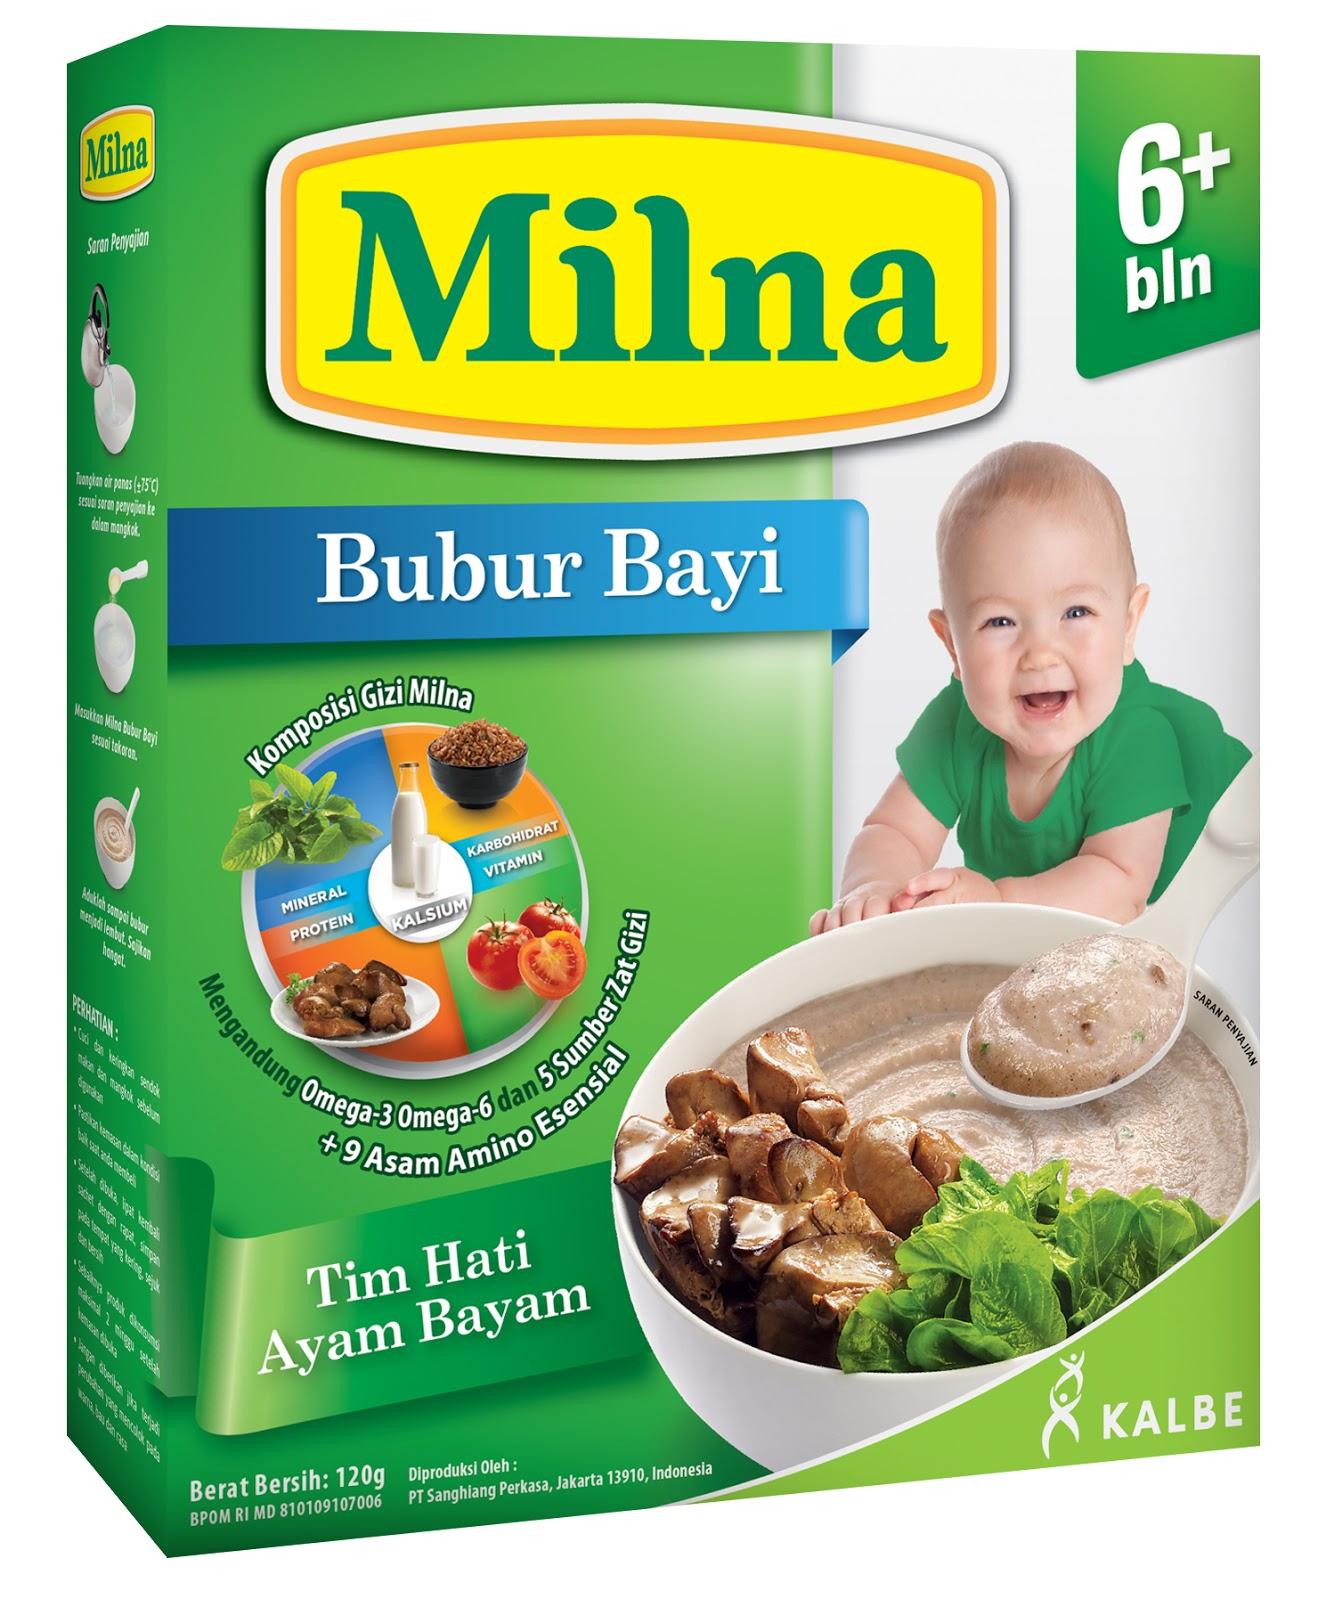 Saya mau tanya makanan pertama untuk bayi 5 bulan,alhmdlh skrg baby saya dah mau 5 bulan?